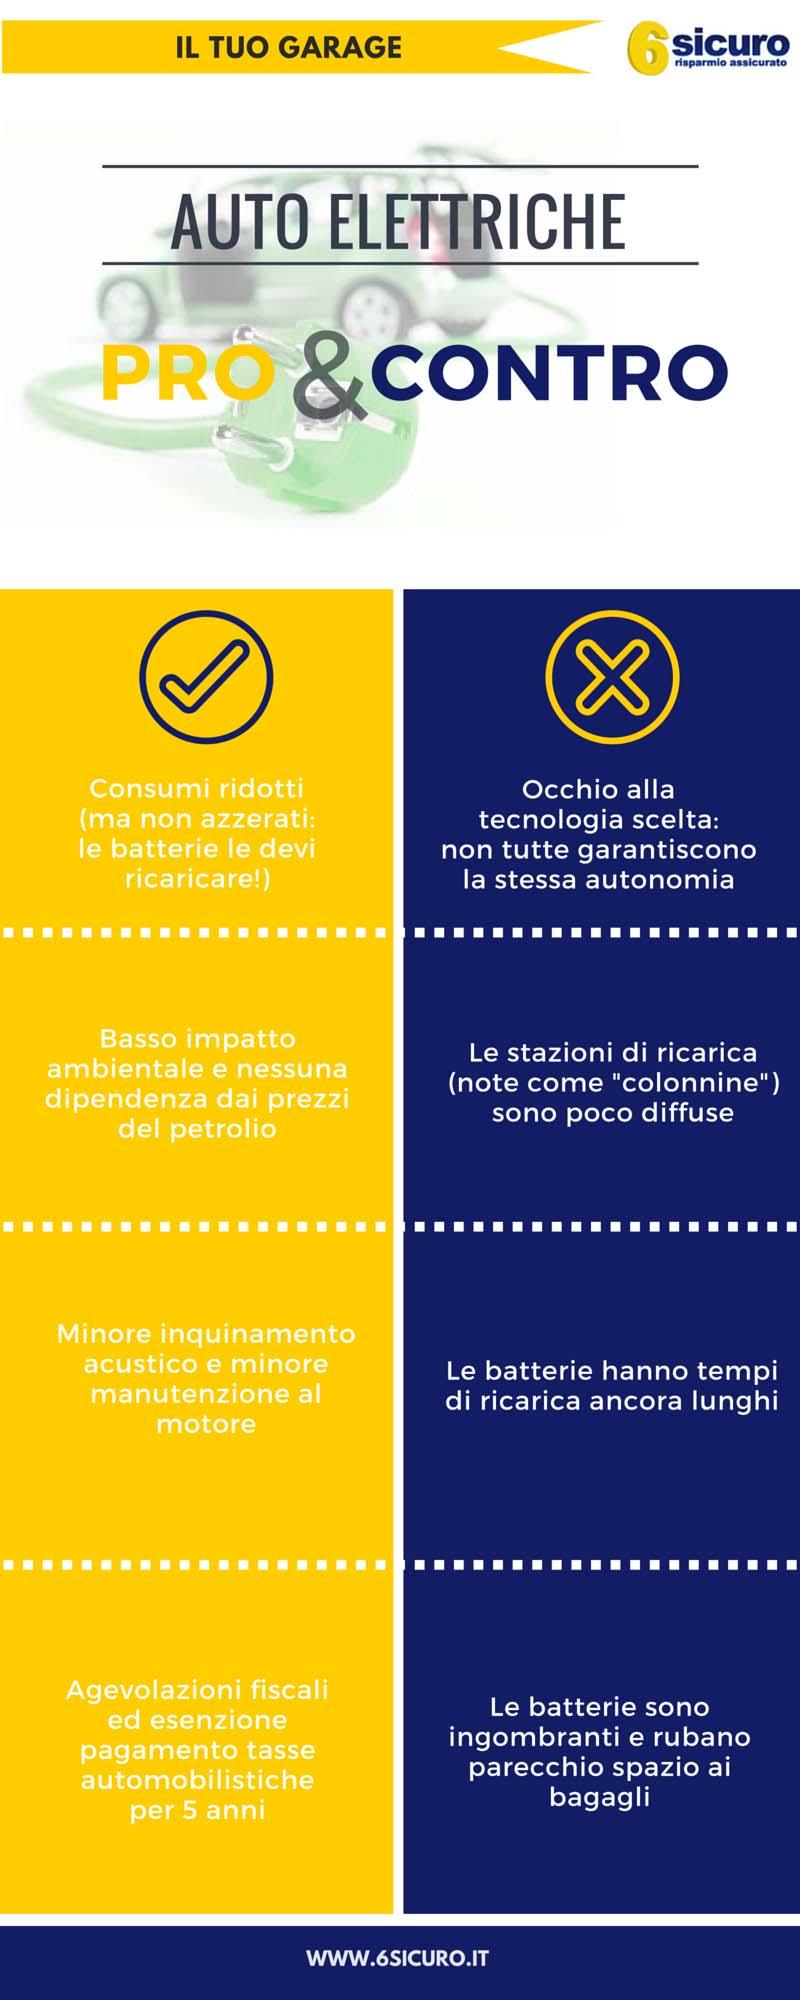 Auto elettriche Pro&Contro